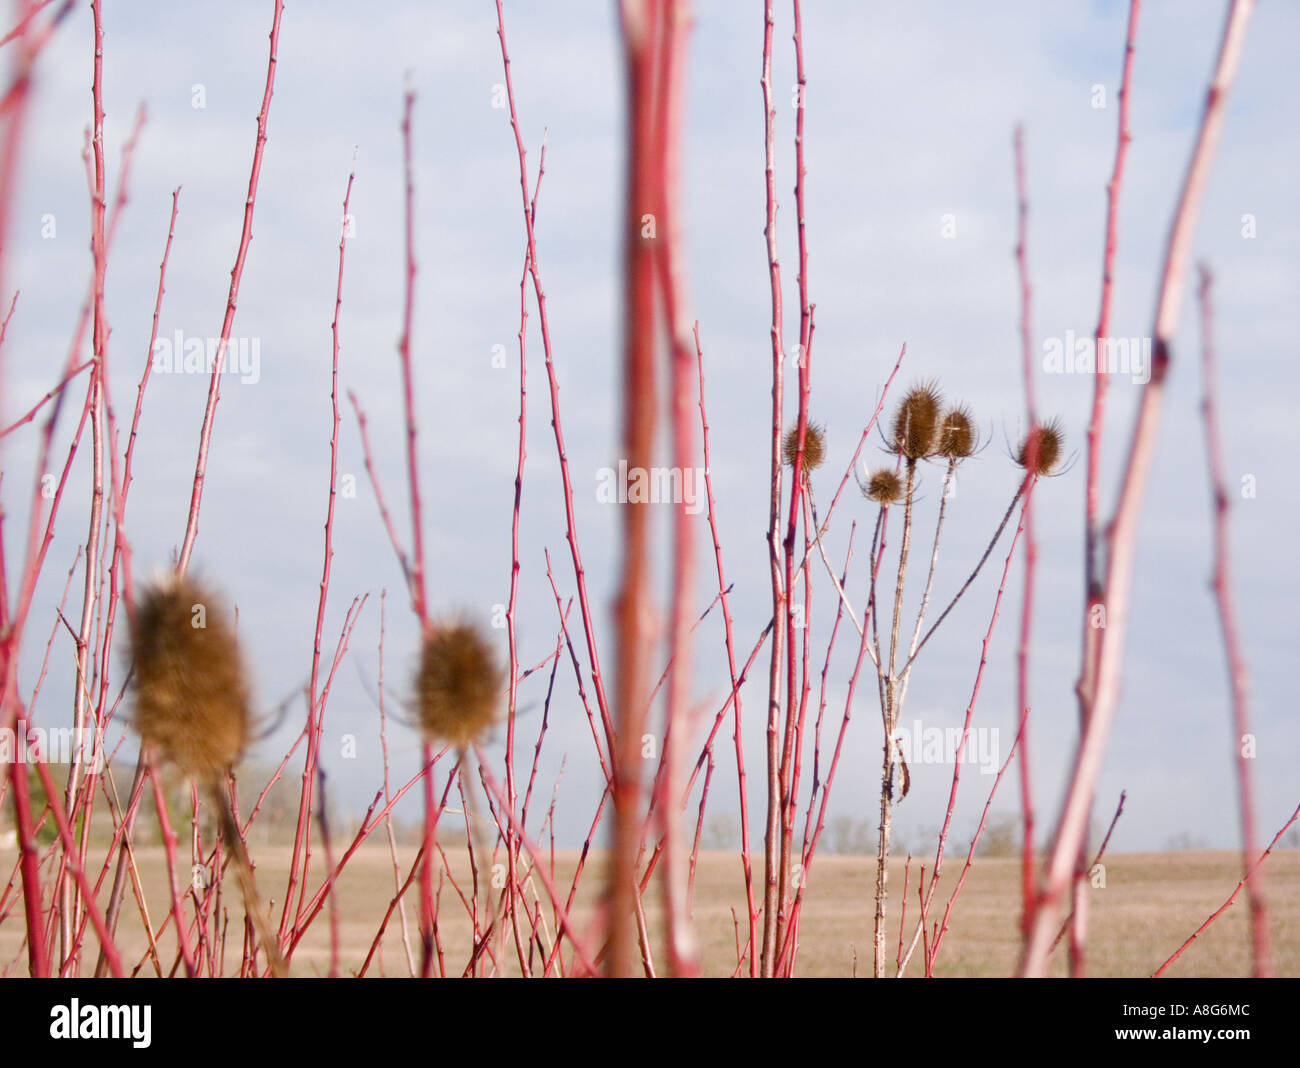 ein Blick durch rötliche Zweige mit Disteln auf unscharfen Bereichen Stockbild